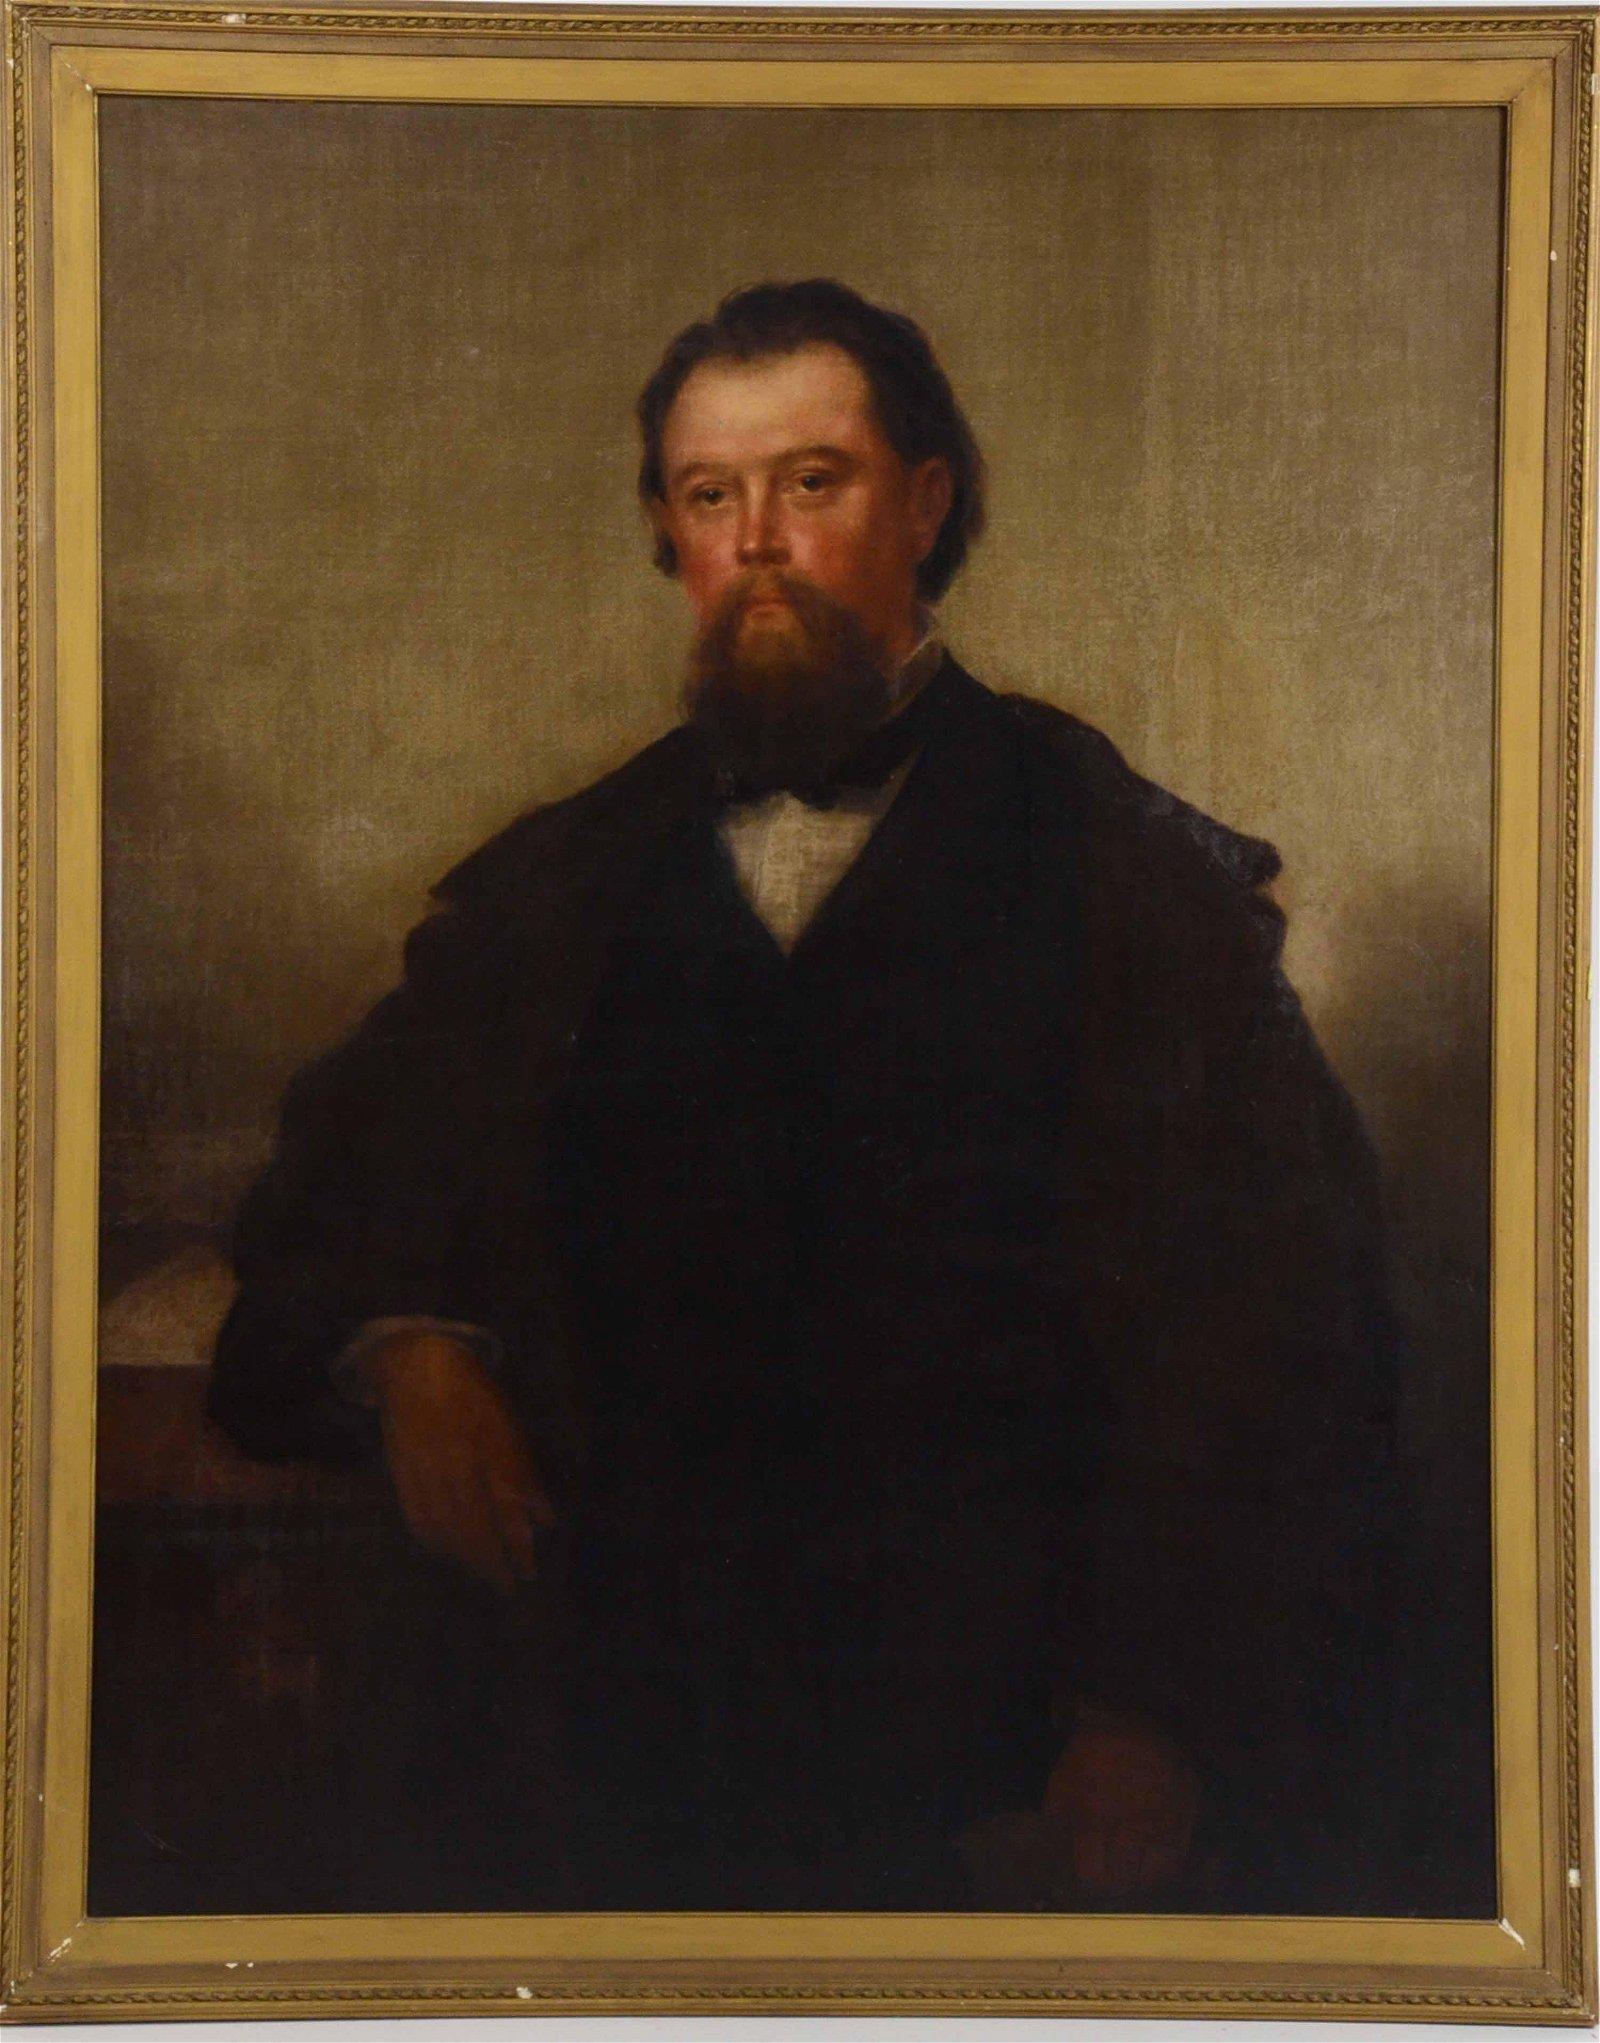 Oil on Canvas, Portrait of a Man, Joseph Ames